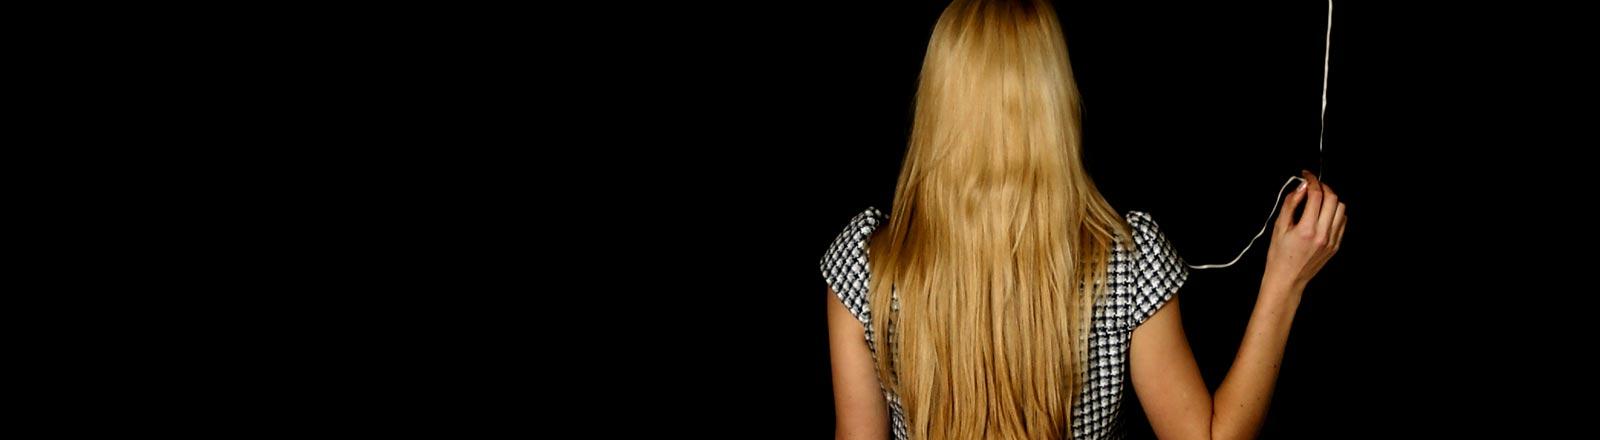 Eine Frau mit langen Haaren aus der Rückansicht.